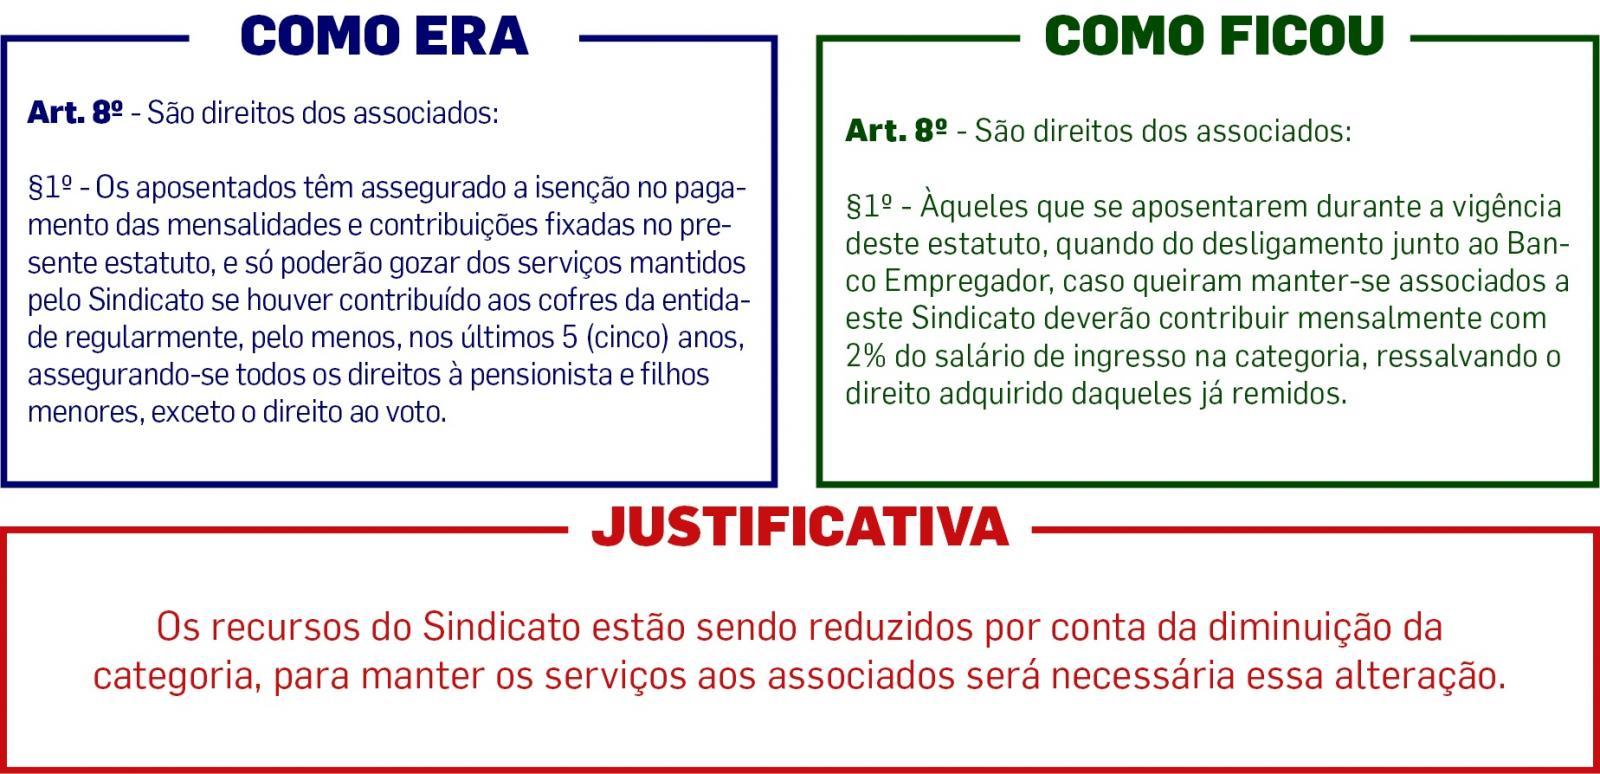 Adequação do Estatuto do Sindicato é aprovada por 93,36%